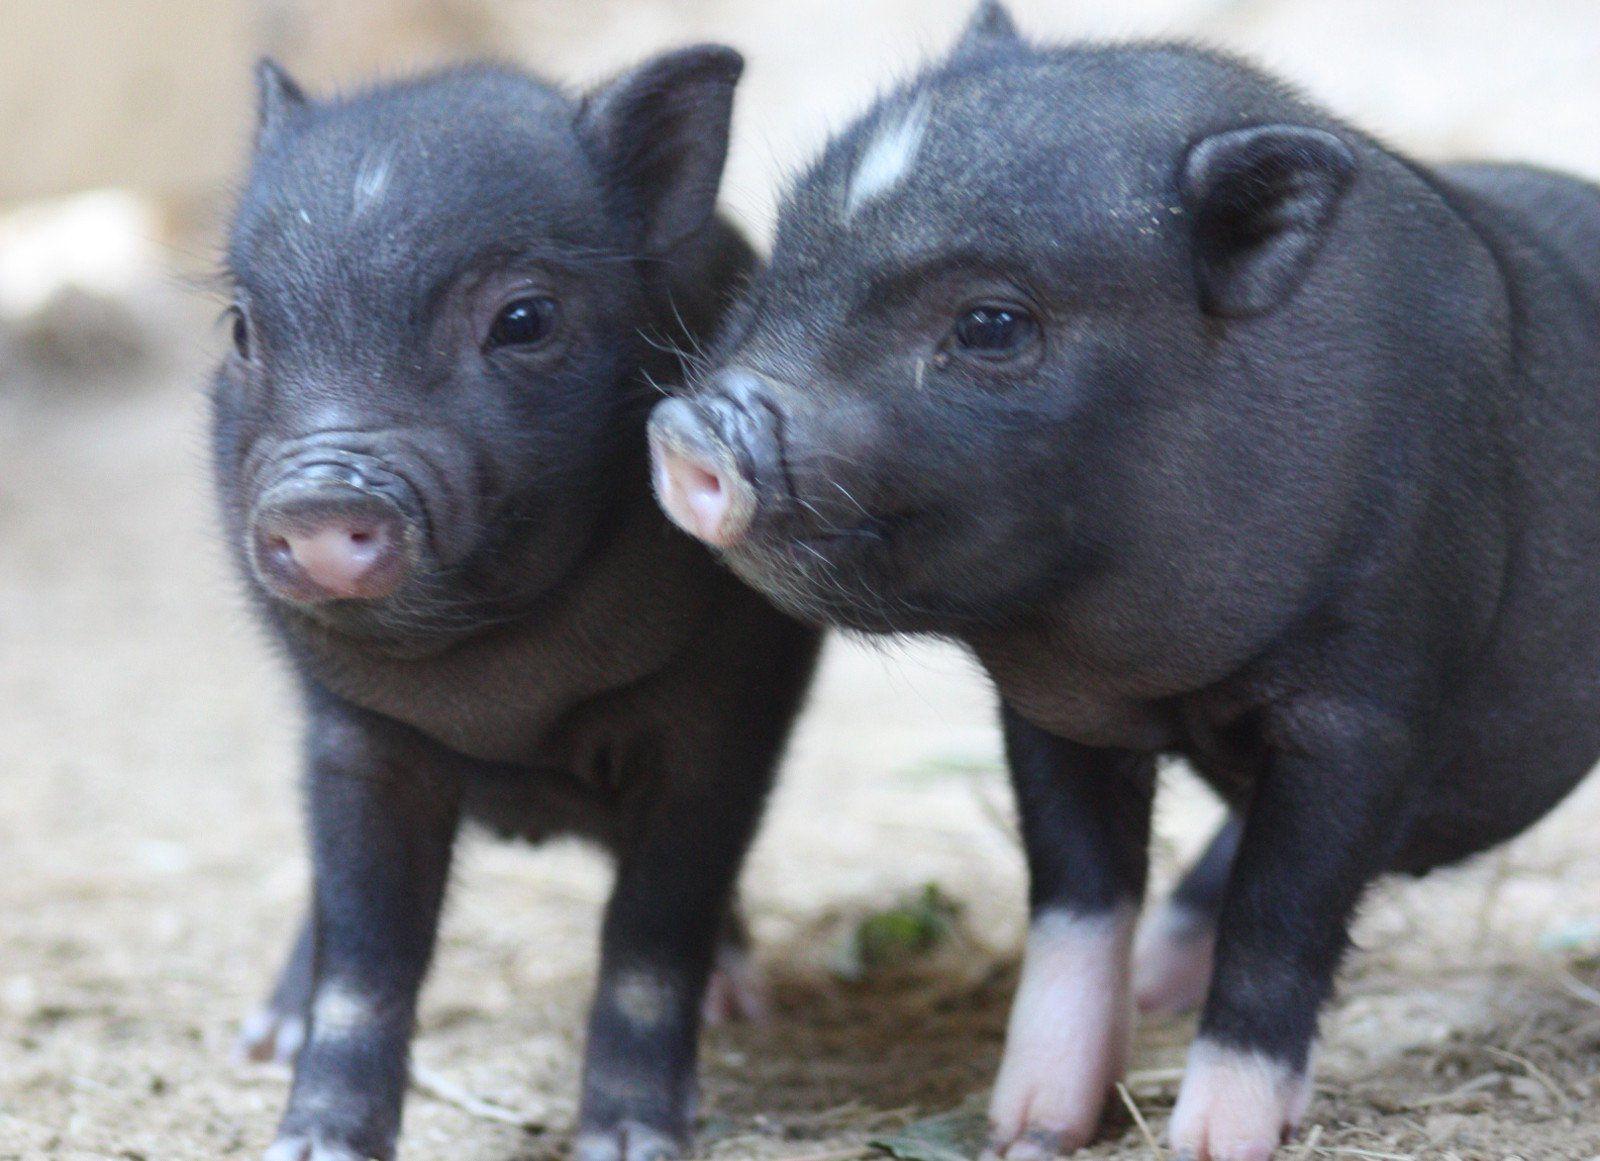 die besten 25 minischweine kaufen ideen auf pinterest minipig kaufen teacup schwein kaufen. Black Bedroom Furniture Sets. Home Design Ideas